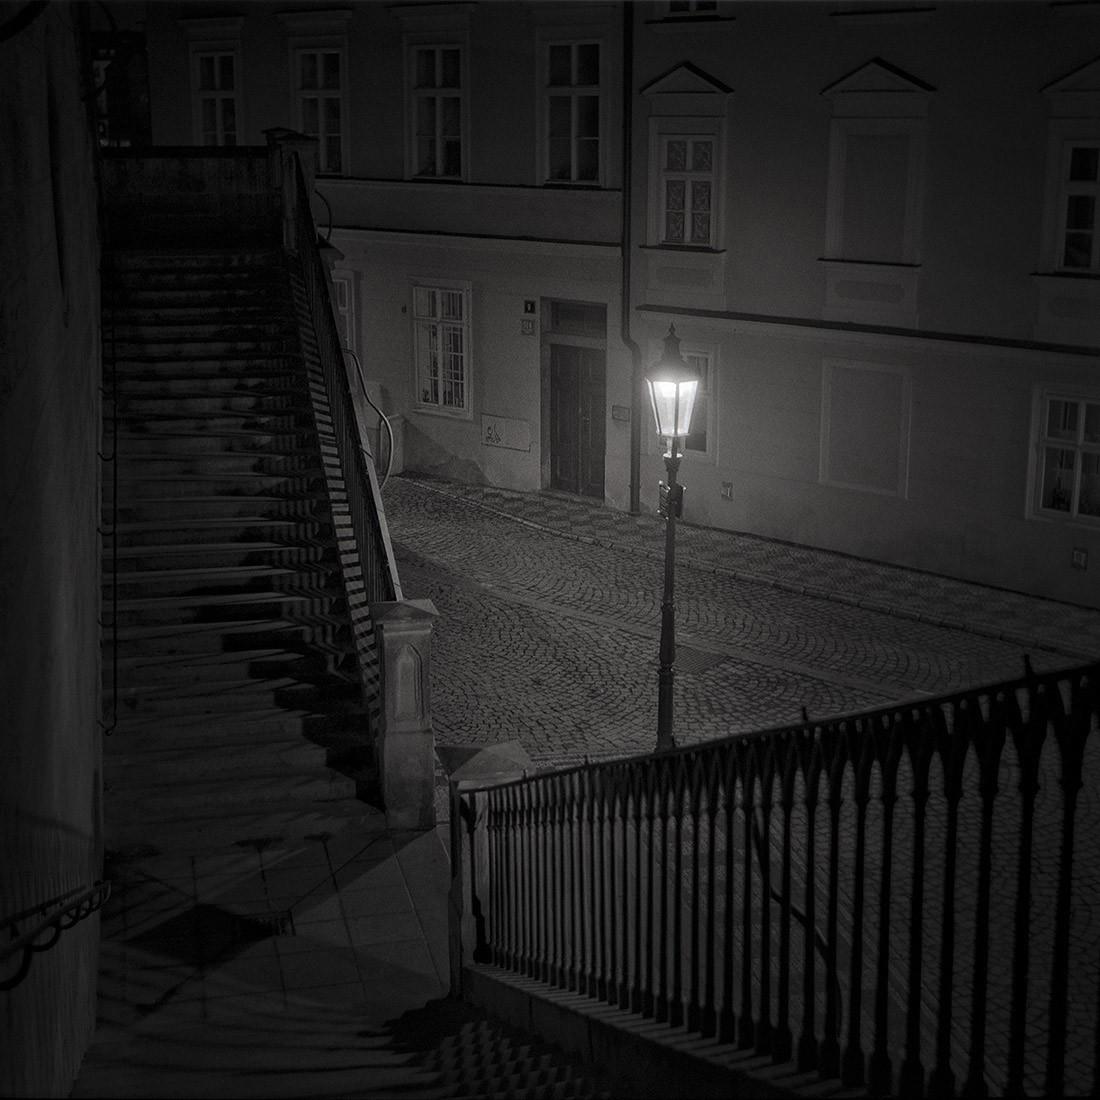 3 место в категории «Ночная фотография», 2019. Ночь в Праге. Автор Шарлотта Джиллиатт